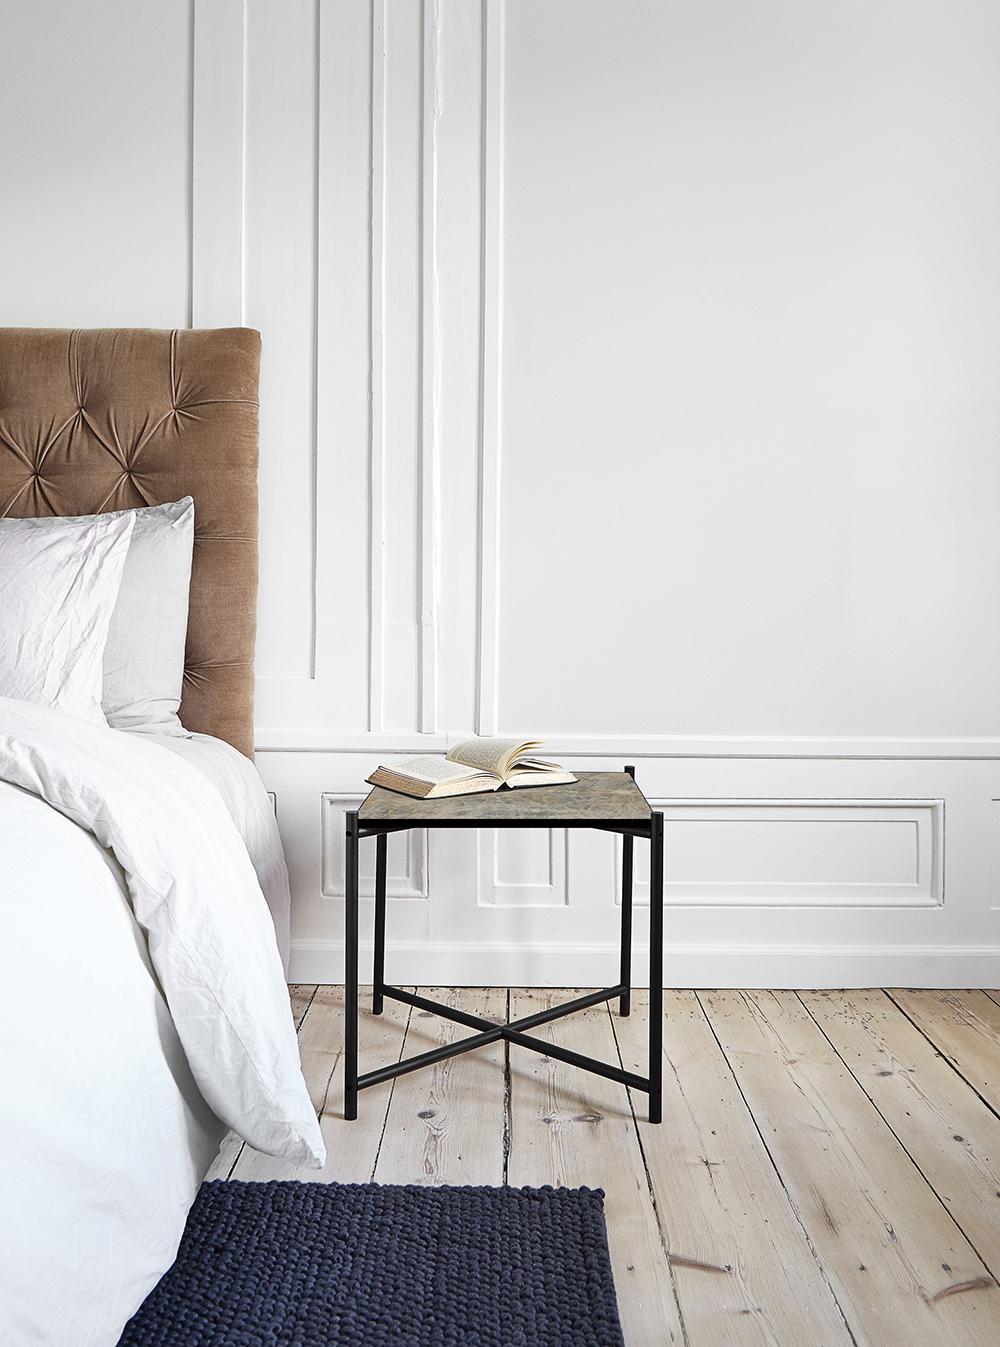 Petite table d'appoint avec plateau en marbre, Handvärk